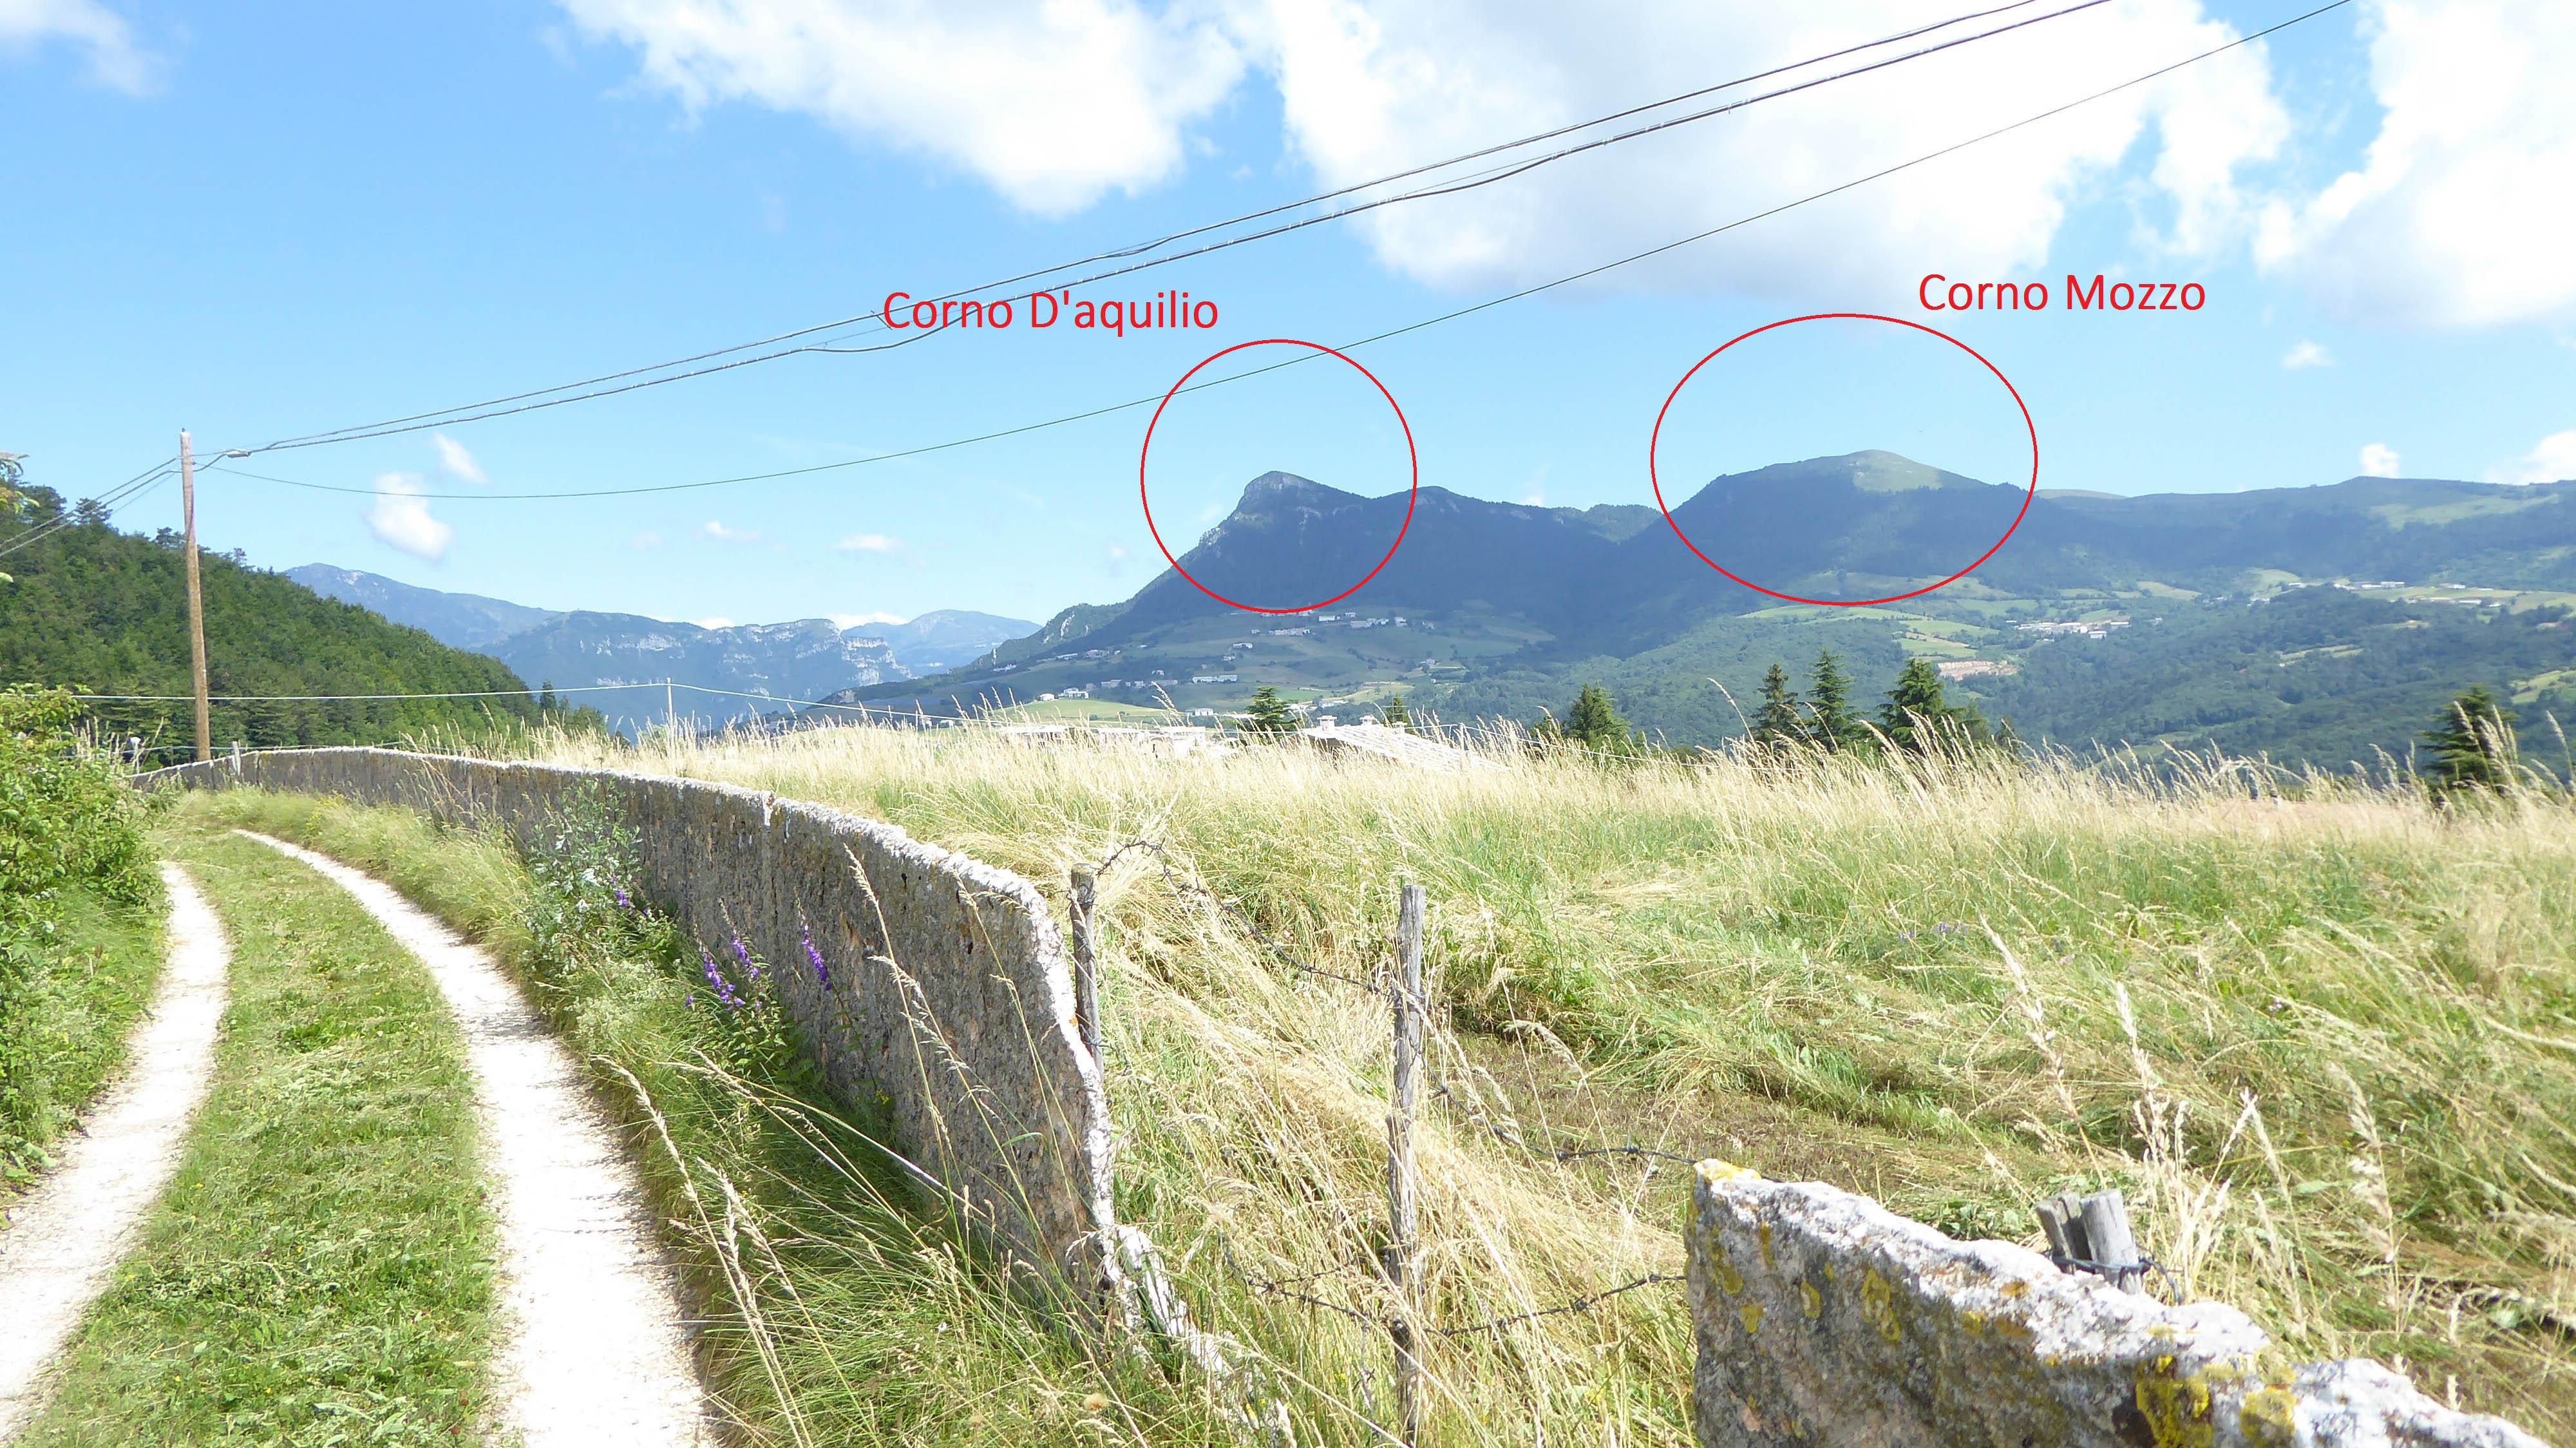 Deux spots de vol de pente réputés autour de Verone. Crédit Stefano.